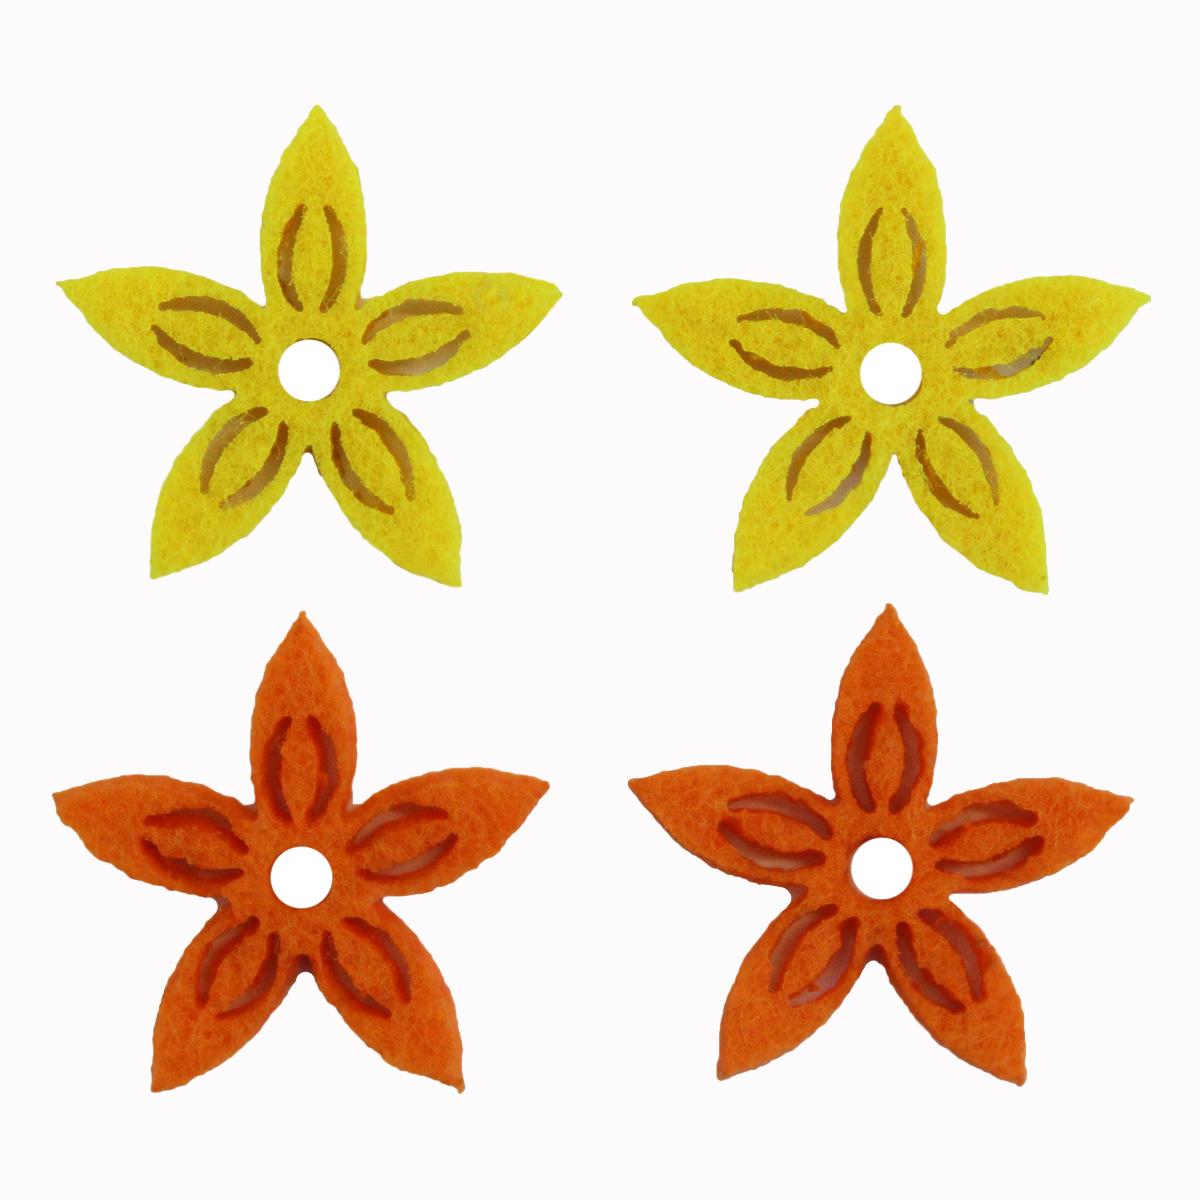 Фигурки из фетра Glorex Цветы, цвет: желтый, оранжевый, 3 см, 12 шт318686Фетр пользуется большой популярностью среди рукодельниц. Его любят за эстетичный вид, практичность и отличную текстуру. Из данного материала вашему вниманию предлагаются заготовки Glorex. Широкое разнообразие цветов и форм поможет реализовать творческие задумки и гармоничным образом дополнить ваше творение. Из фетра можно создавать обложки для книг, ежедневников, игрушки, декоративные чехлы для подушек и многое, многое другое.